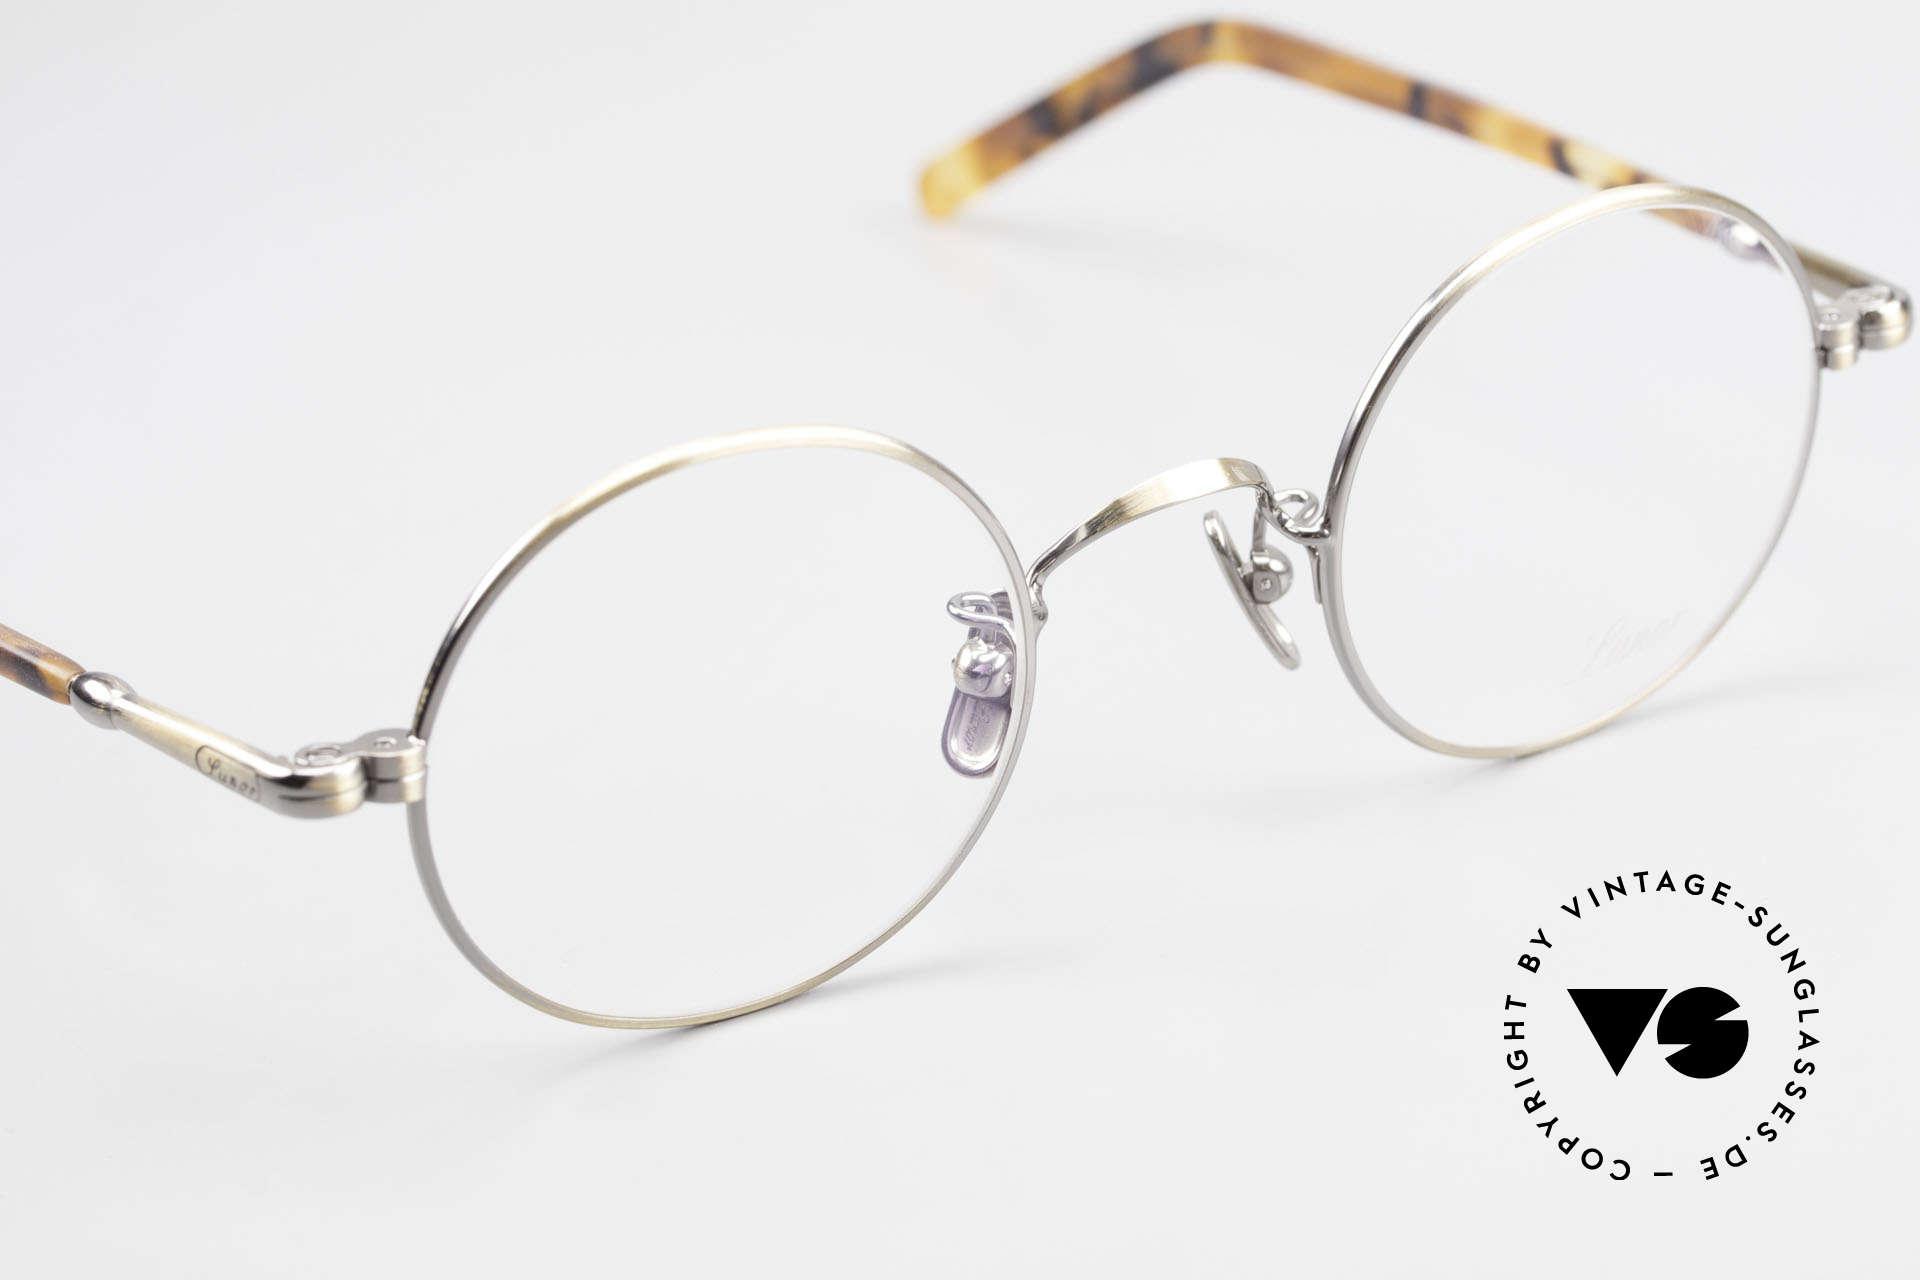 Lunor VA 110 Round Lunor Glasses Original, top-notch craftsmanship & timeless round frame design, Made for Men and Women